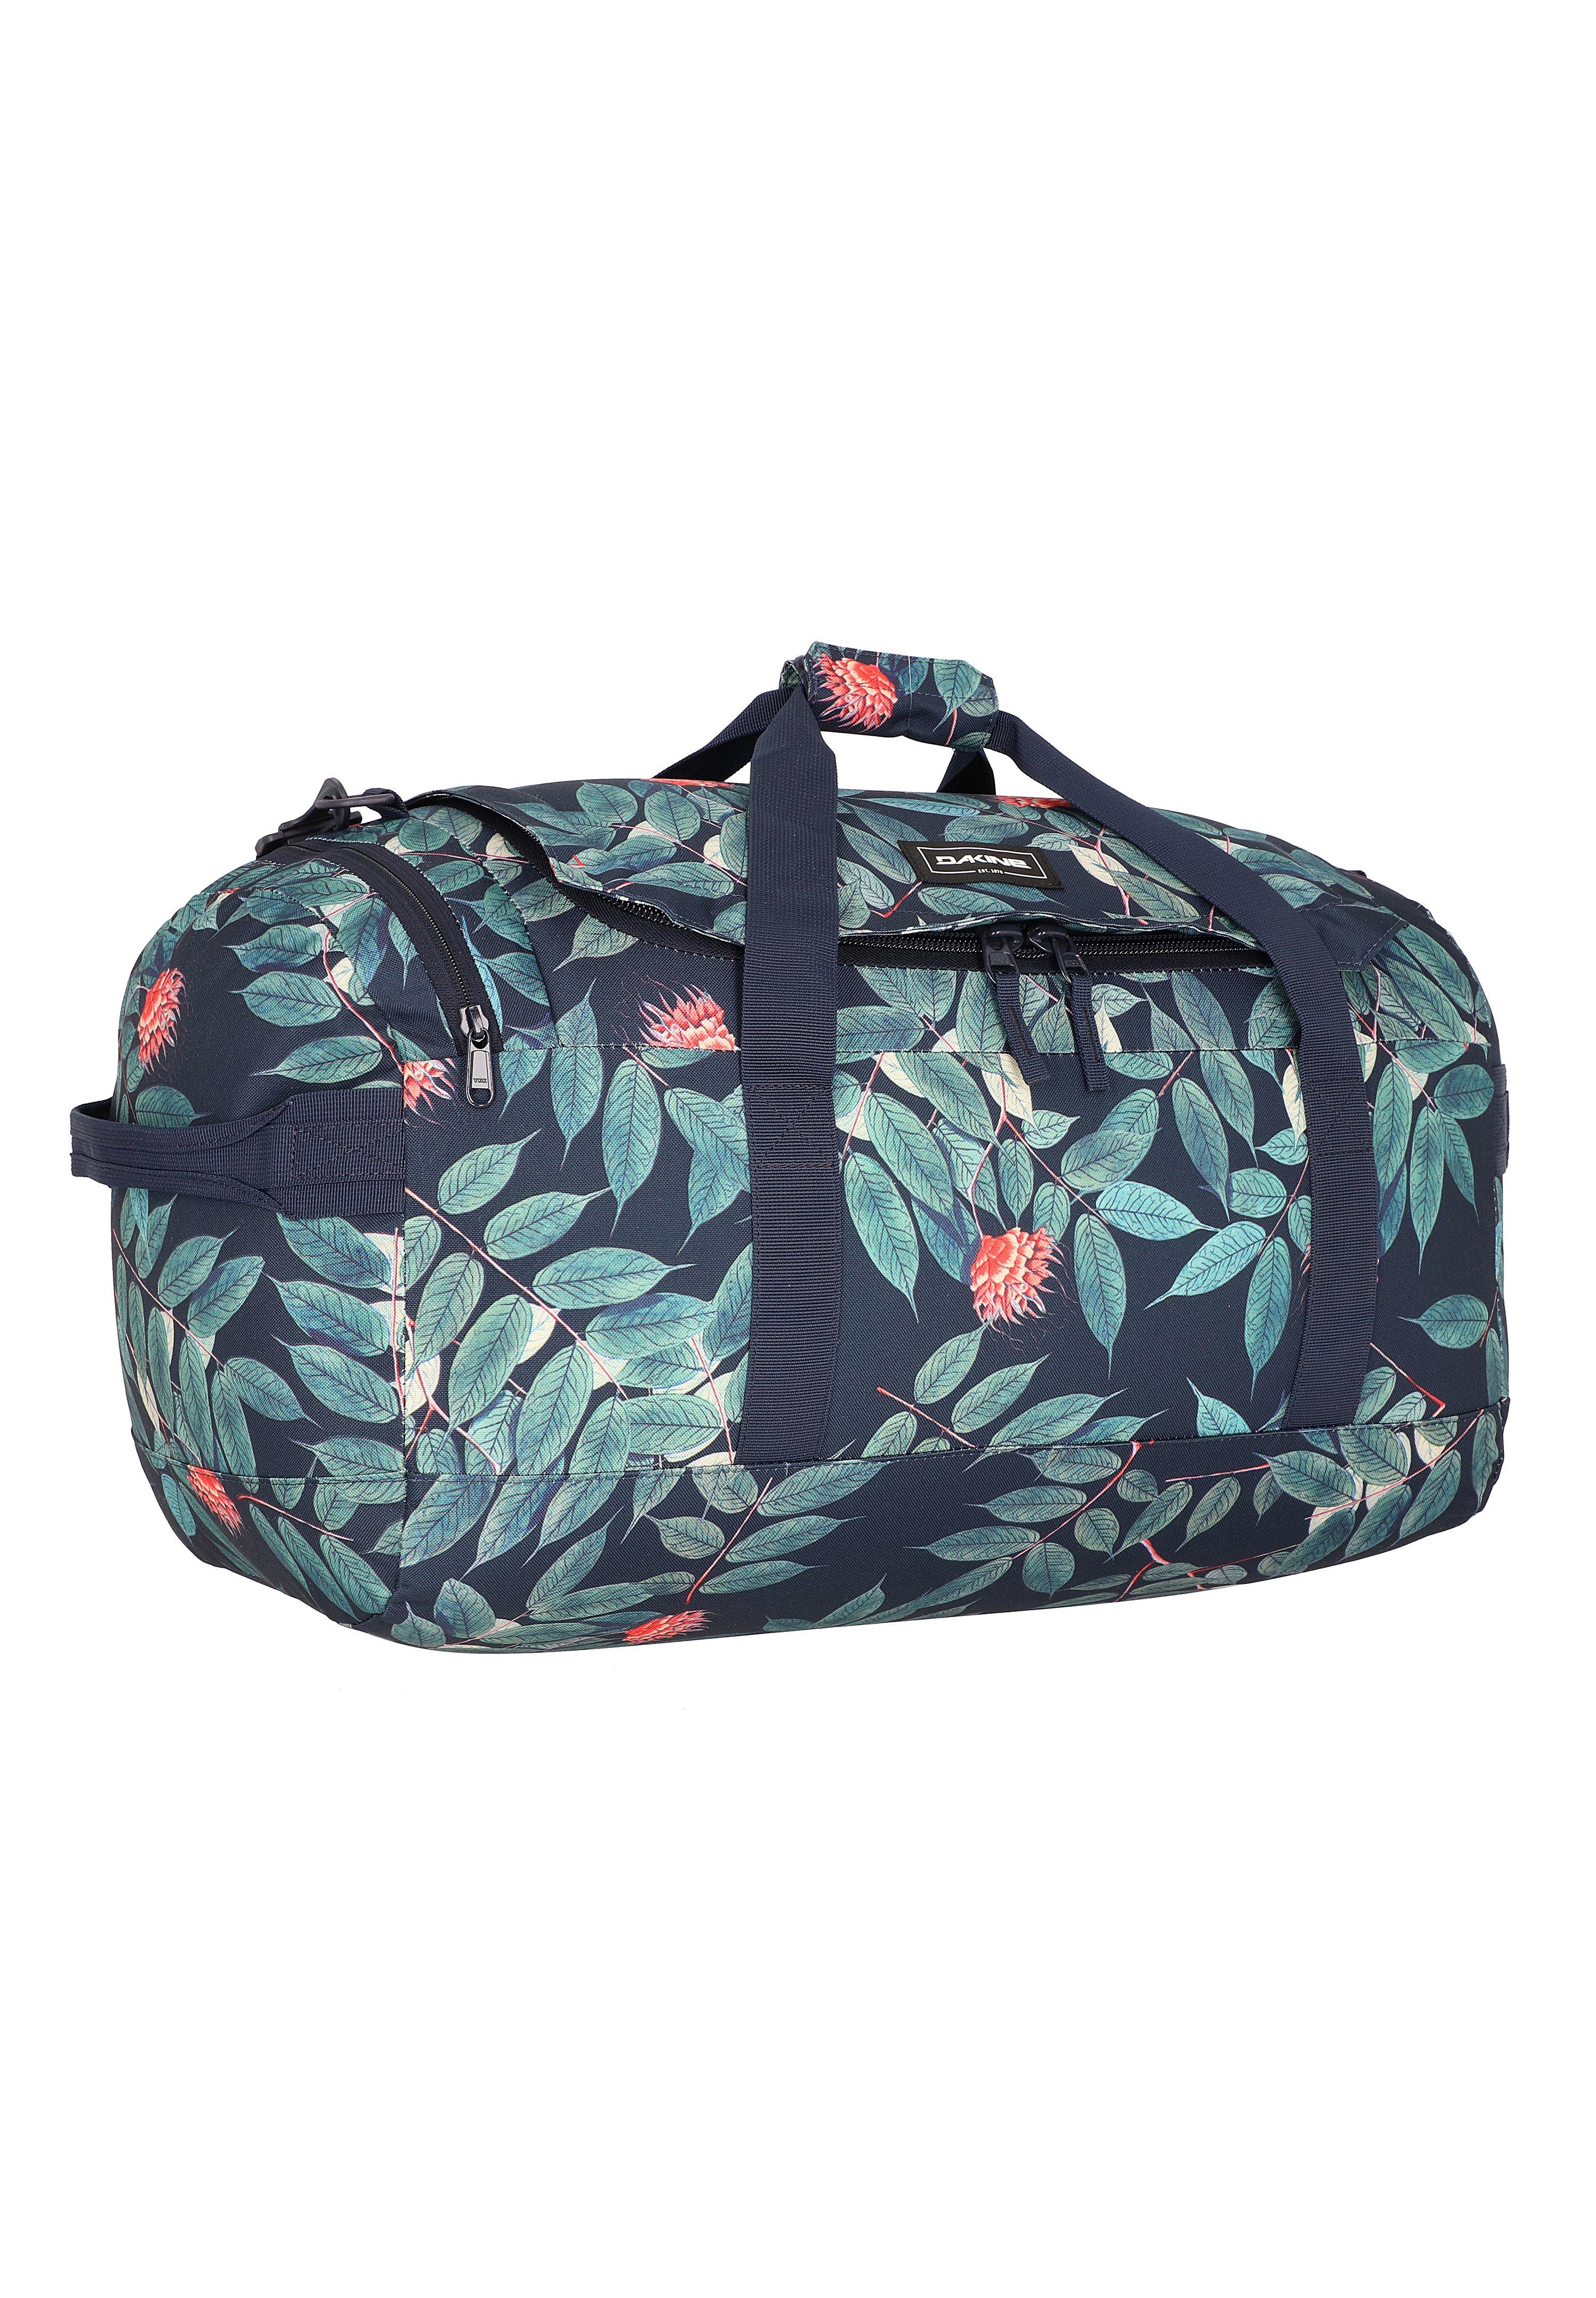 Dakine 50L - Reisetasche - eucalyptus floral/blau - Herrentaschen iOUFM